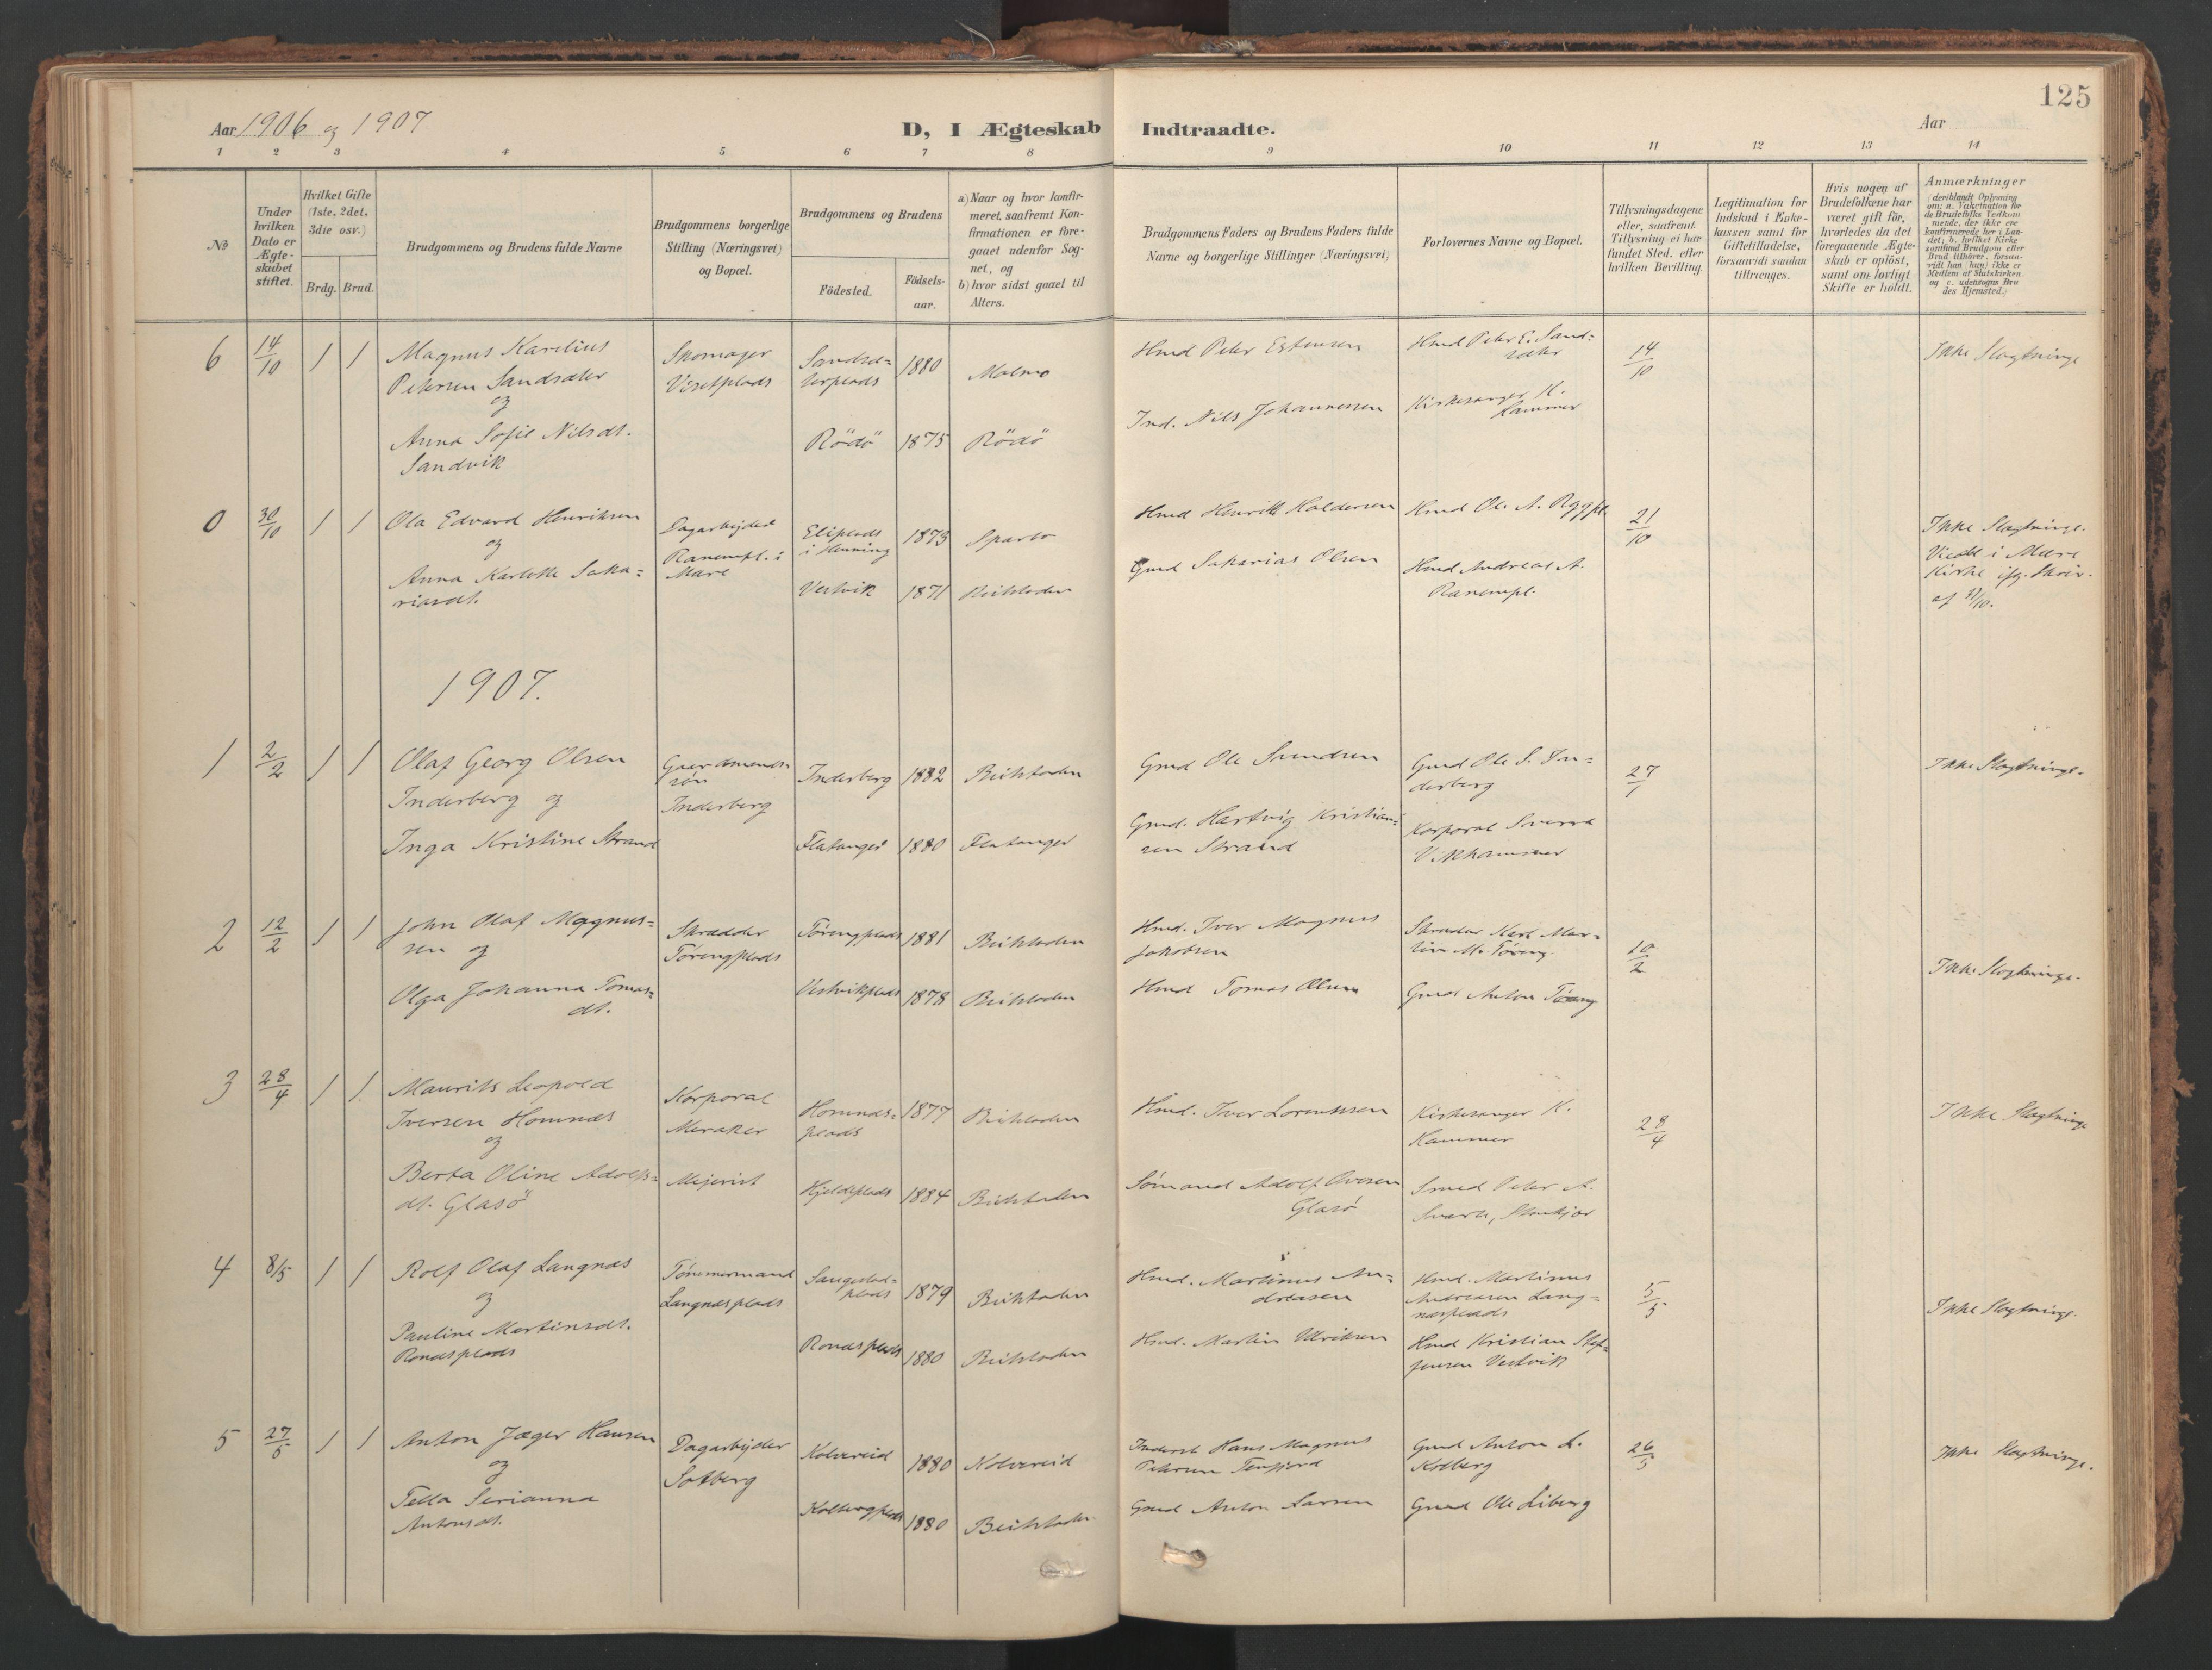 SAT, Ministerialprotokoller, klokkerbøker og fødselsregistre - Nord-Trøndelag, 741/L0397: Ministerialbok nr. 741A11, 1901-1911, s. 125